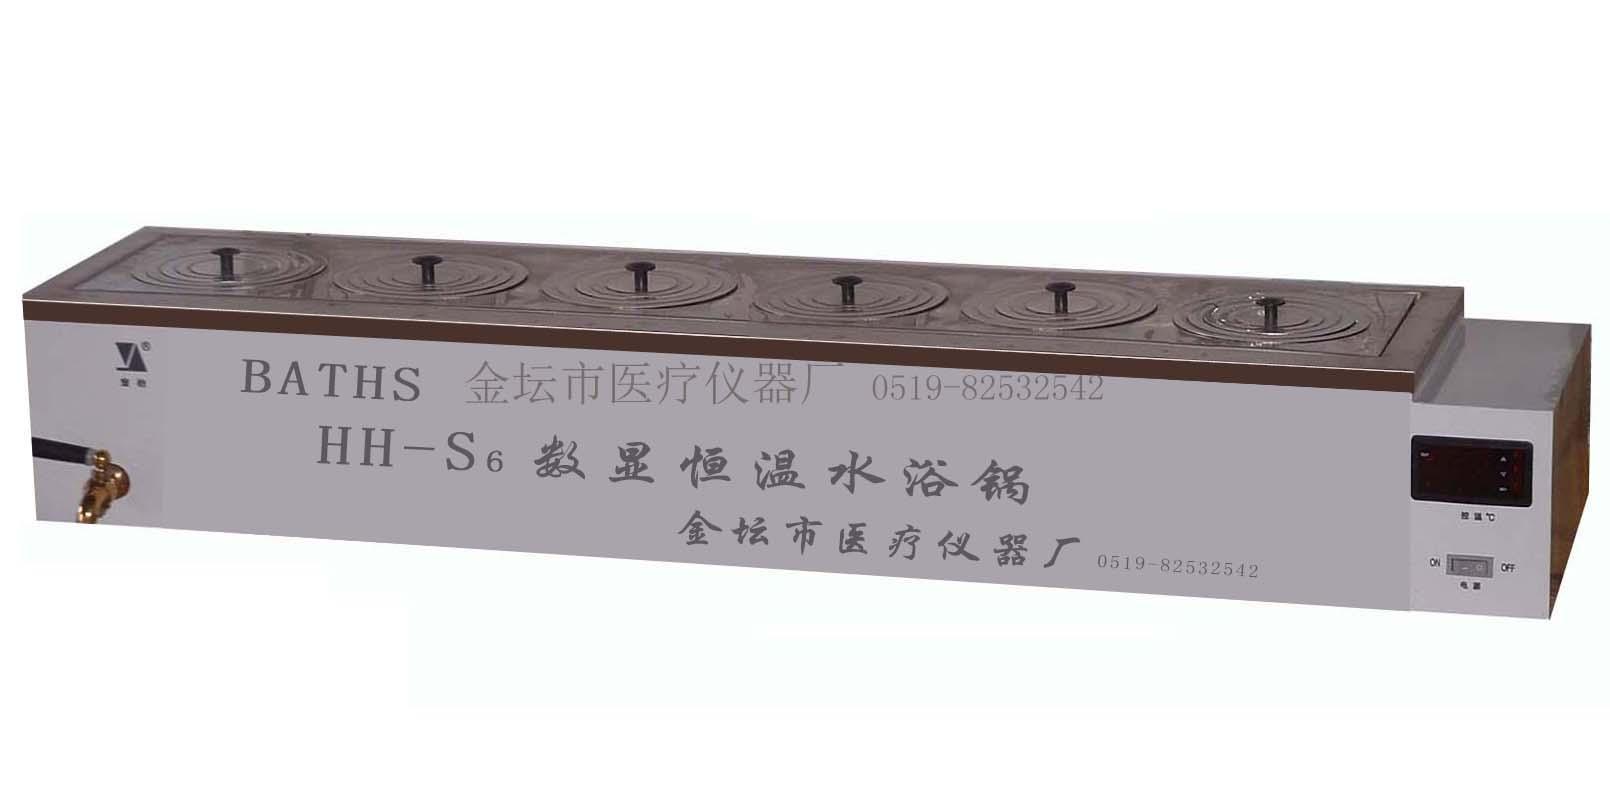 江苏金坛HH-S11.6数显单列六孔水浴锅